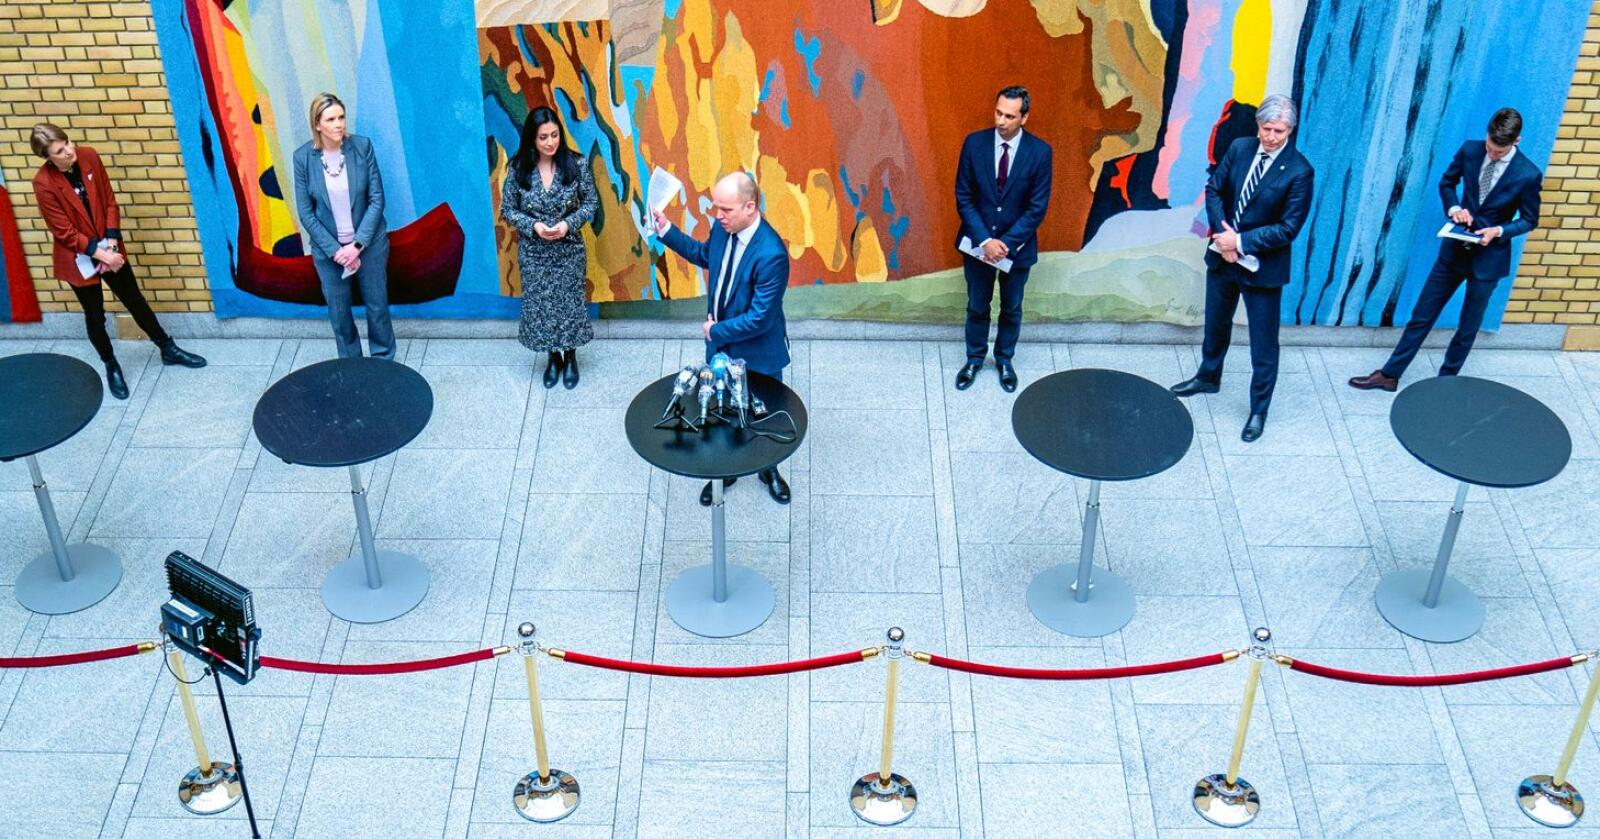 Kari Elisabeth Kaski (SV), Sylvi Listhaug (Frp), Hadja Tajik (Ap), Trygve Slagsvold Vedum (Sp), Mudassar Kapur (H), Ola Elvestuen (V) og Tore Storehaug (KrF) under pressekonferansen på Stortinget etter forhandlingene med regjeringen om en tredje krisepakke. Foto: Stian Lysberg Solum / NTB scanpix